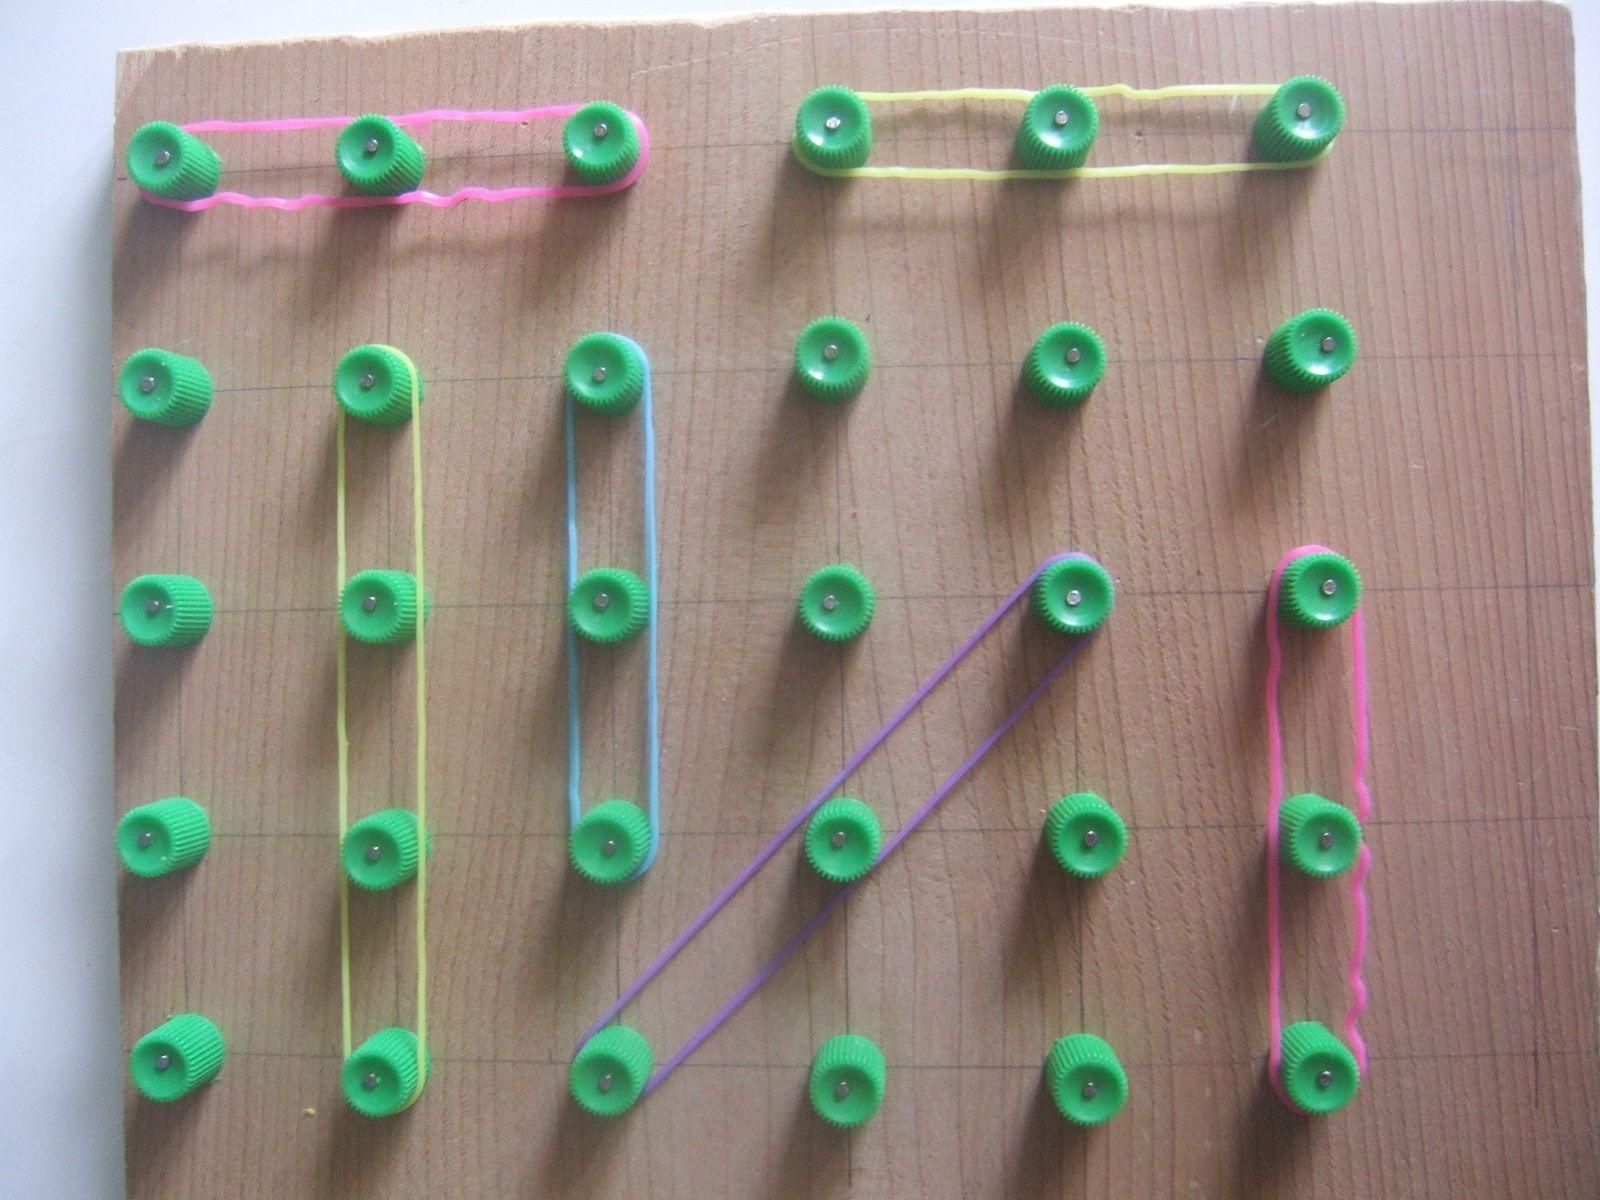 motricité fine : jouer avec des élastiques